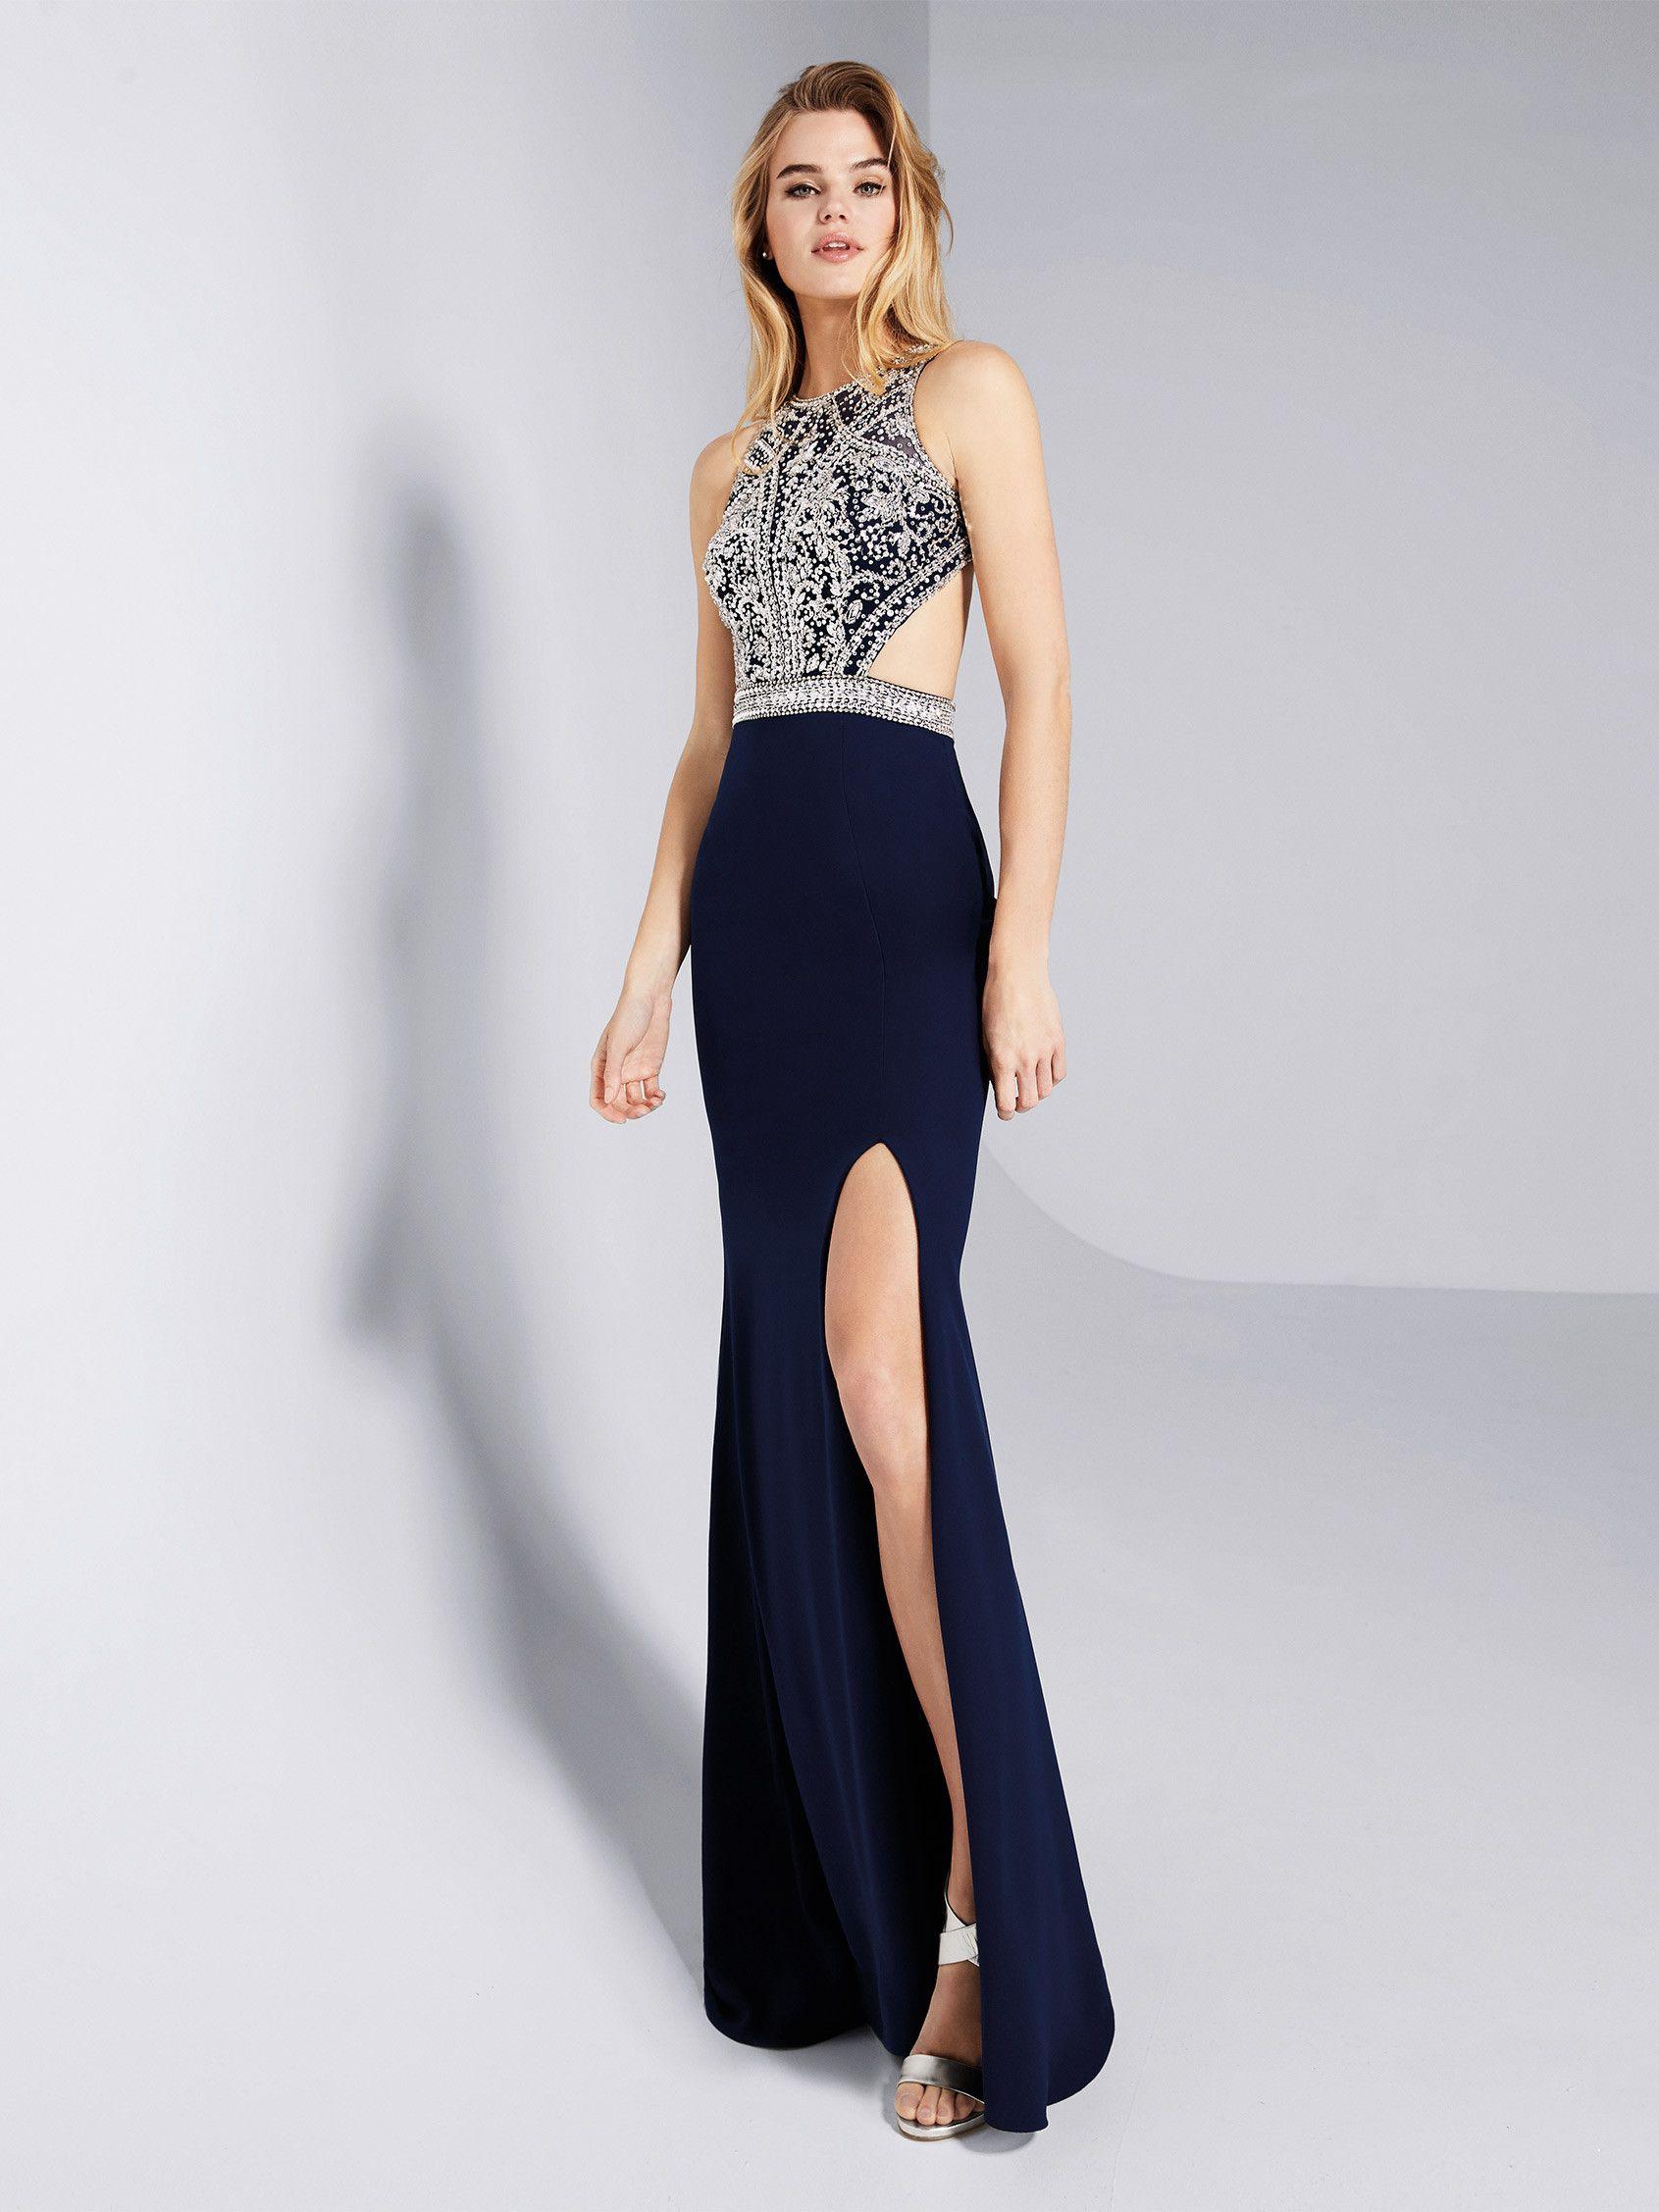 Rückenfreies Abendkleid in Blau | Galce | Pronovias kaufen ...